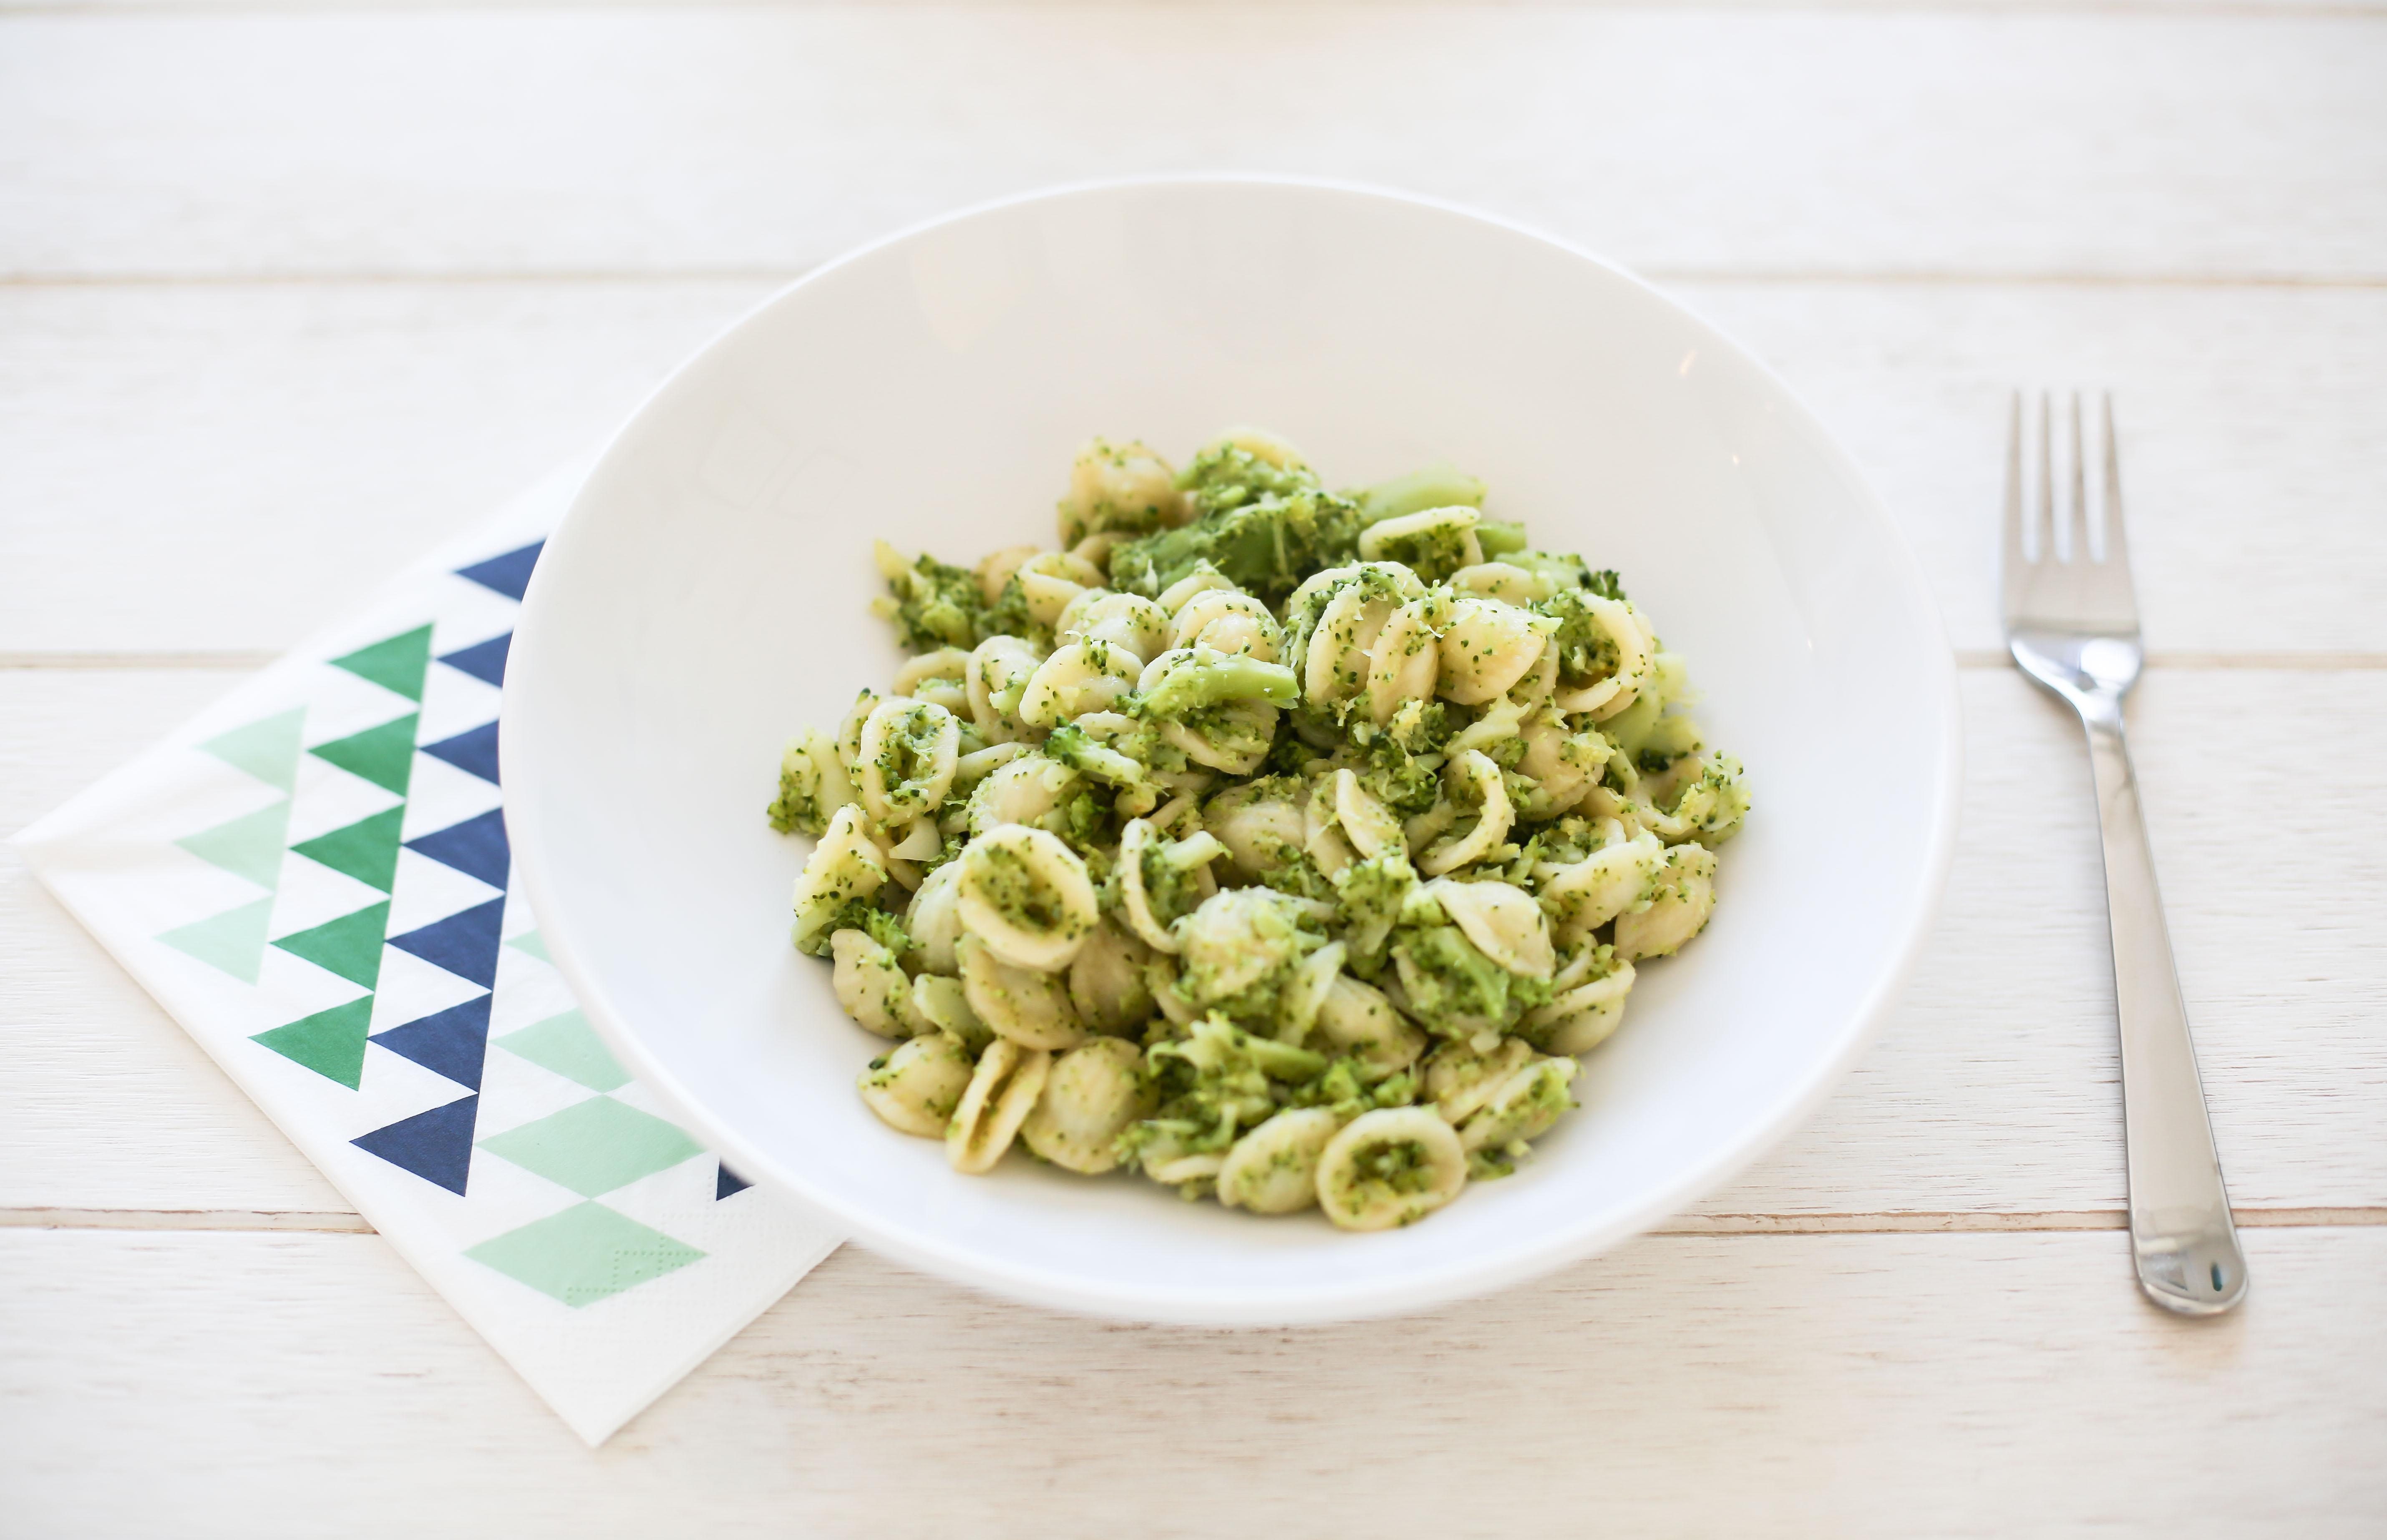 blog-mode-suisse-cuisine-recette-pates-brocolis5